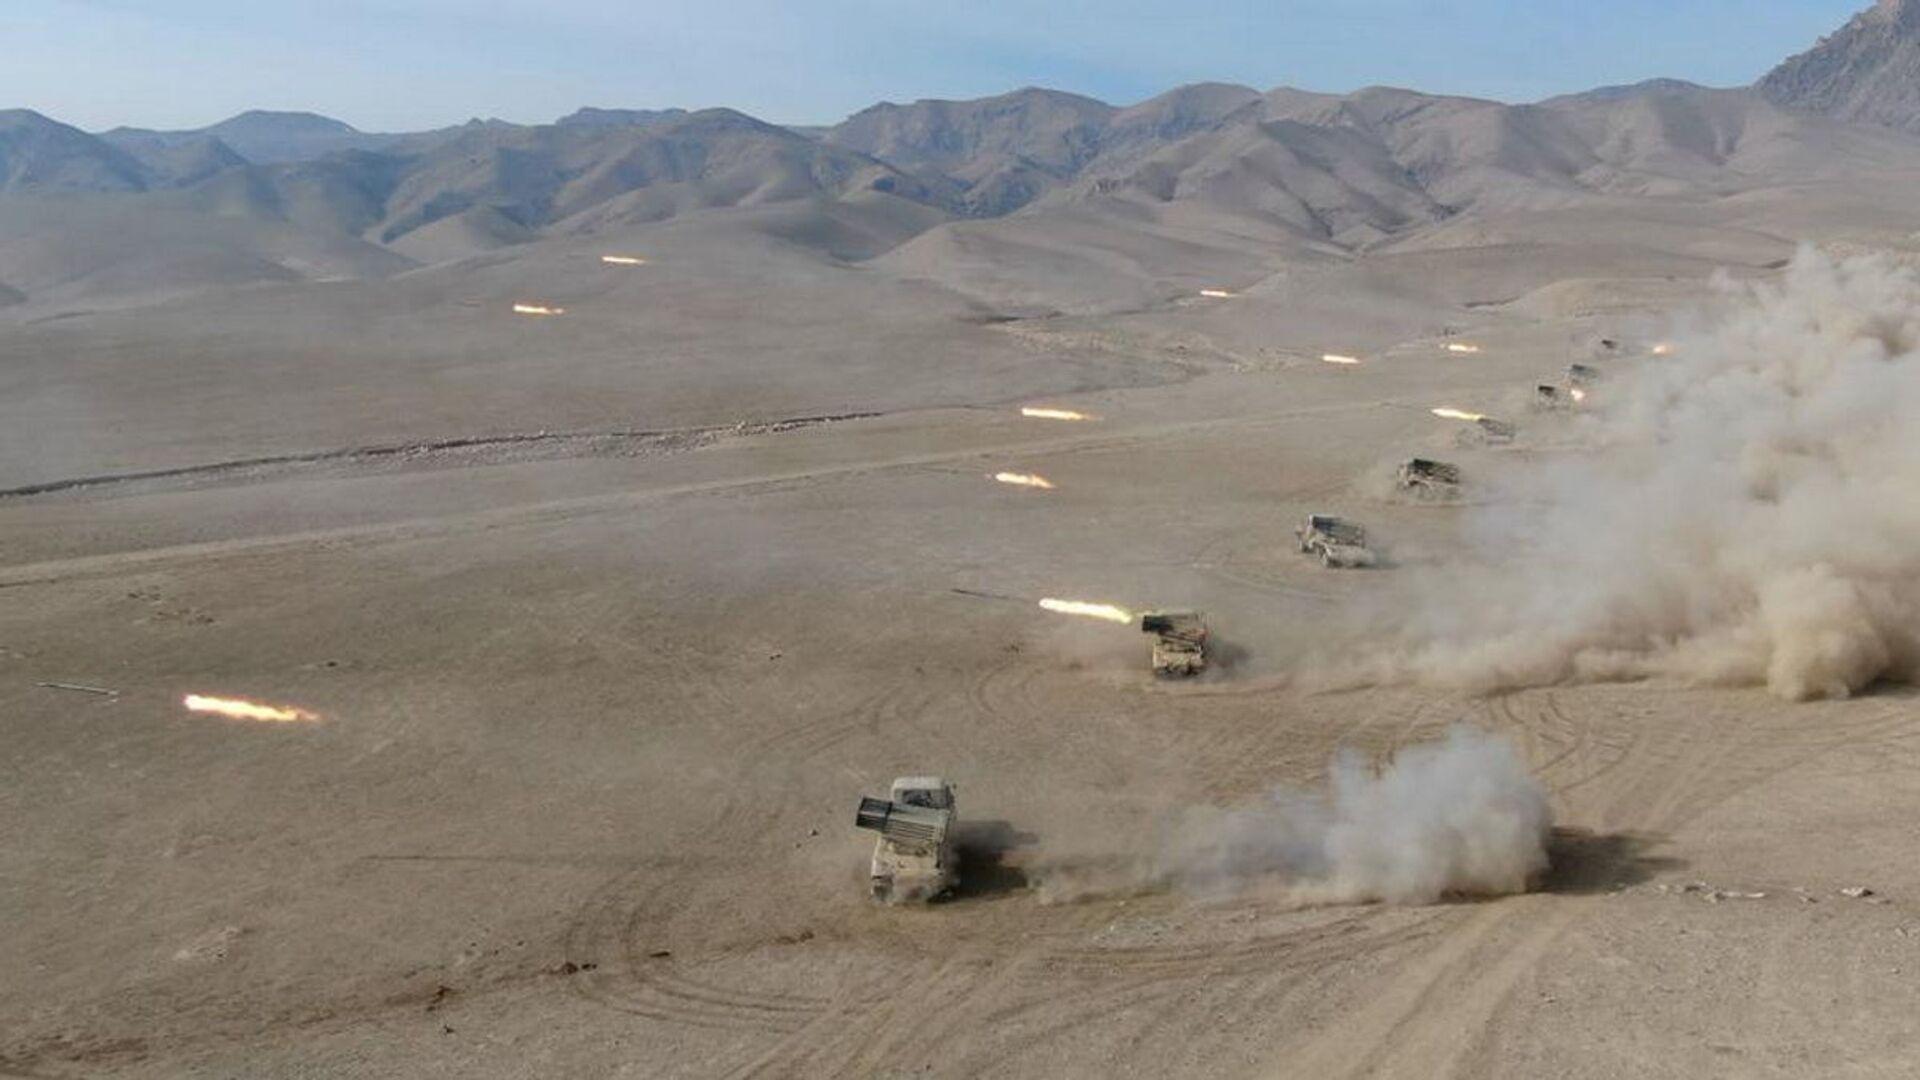 Завершился основной этап совместного учения военнослужащих 201-й российской военной базы и подразделений вооруженных сил Республики Таджикистан - Sputnik Таджикистан, 1920, 06.09.2021